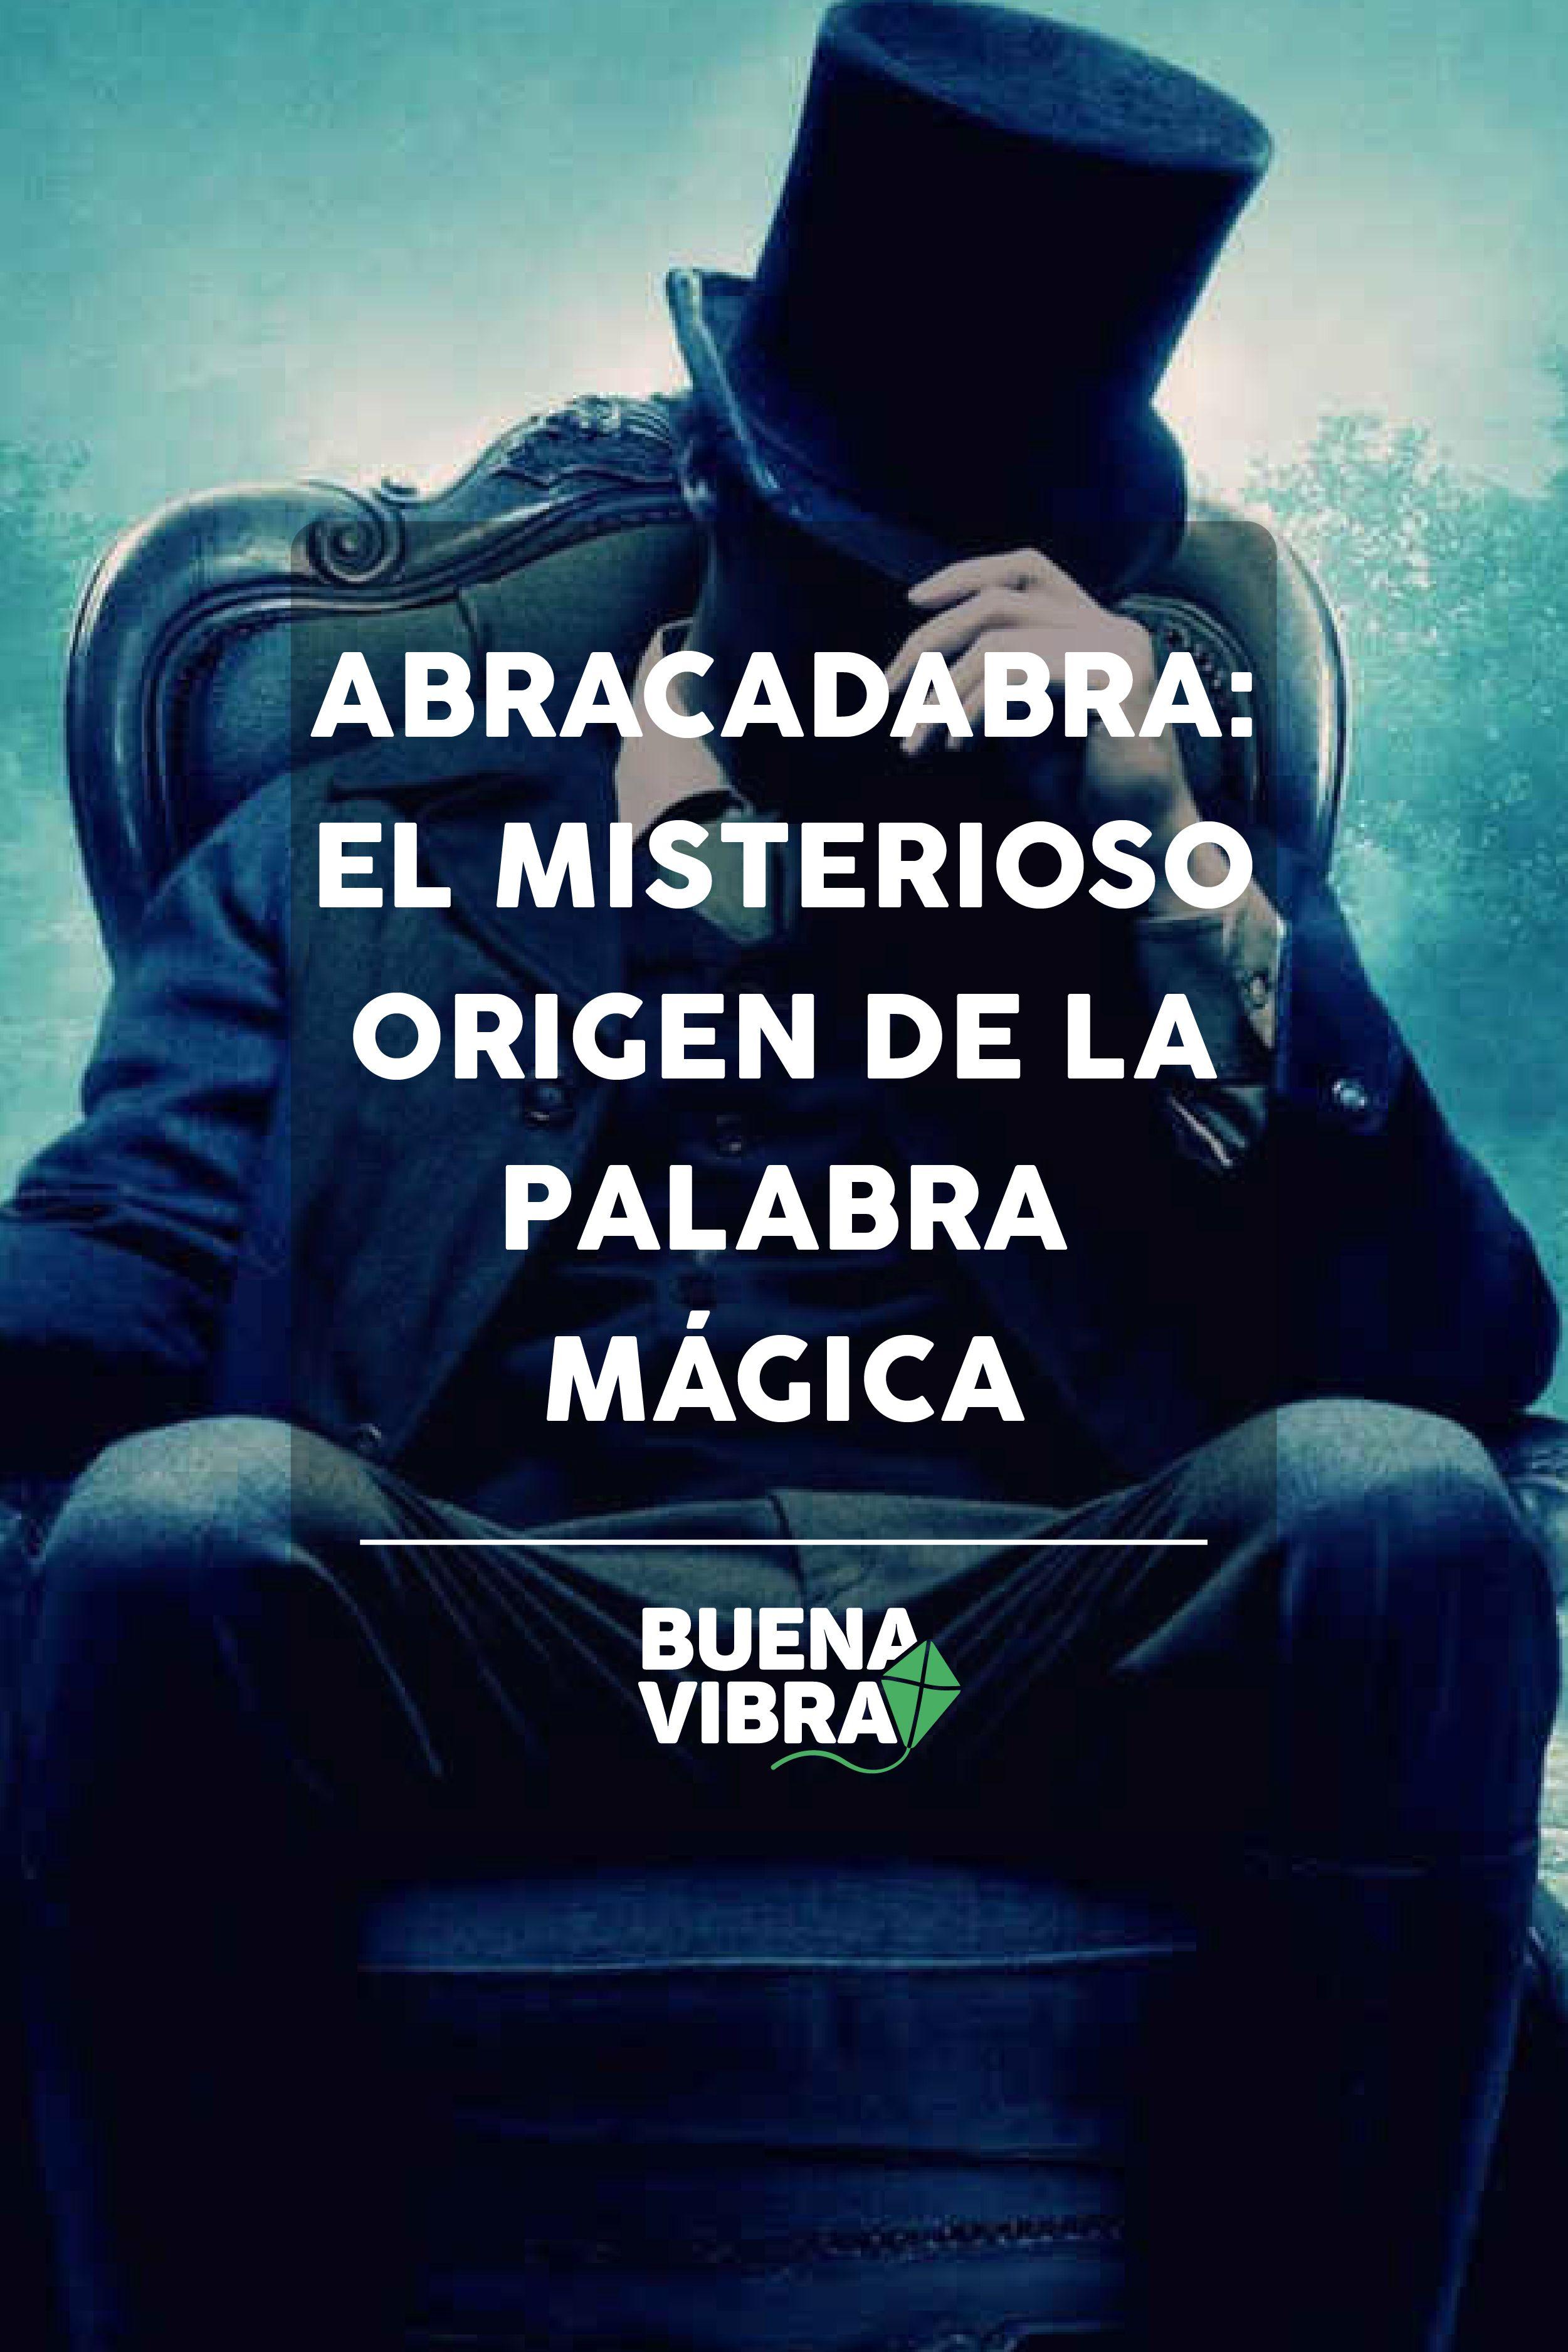 Abracadabra El Misterioso Origen De La Palabra Mágica